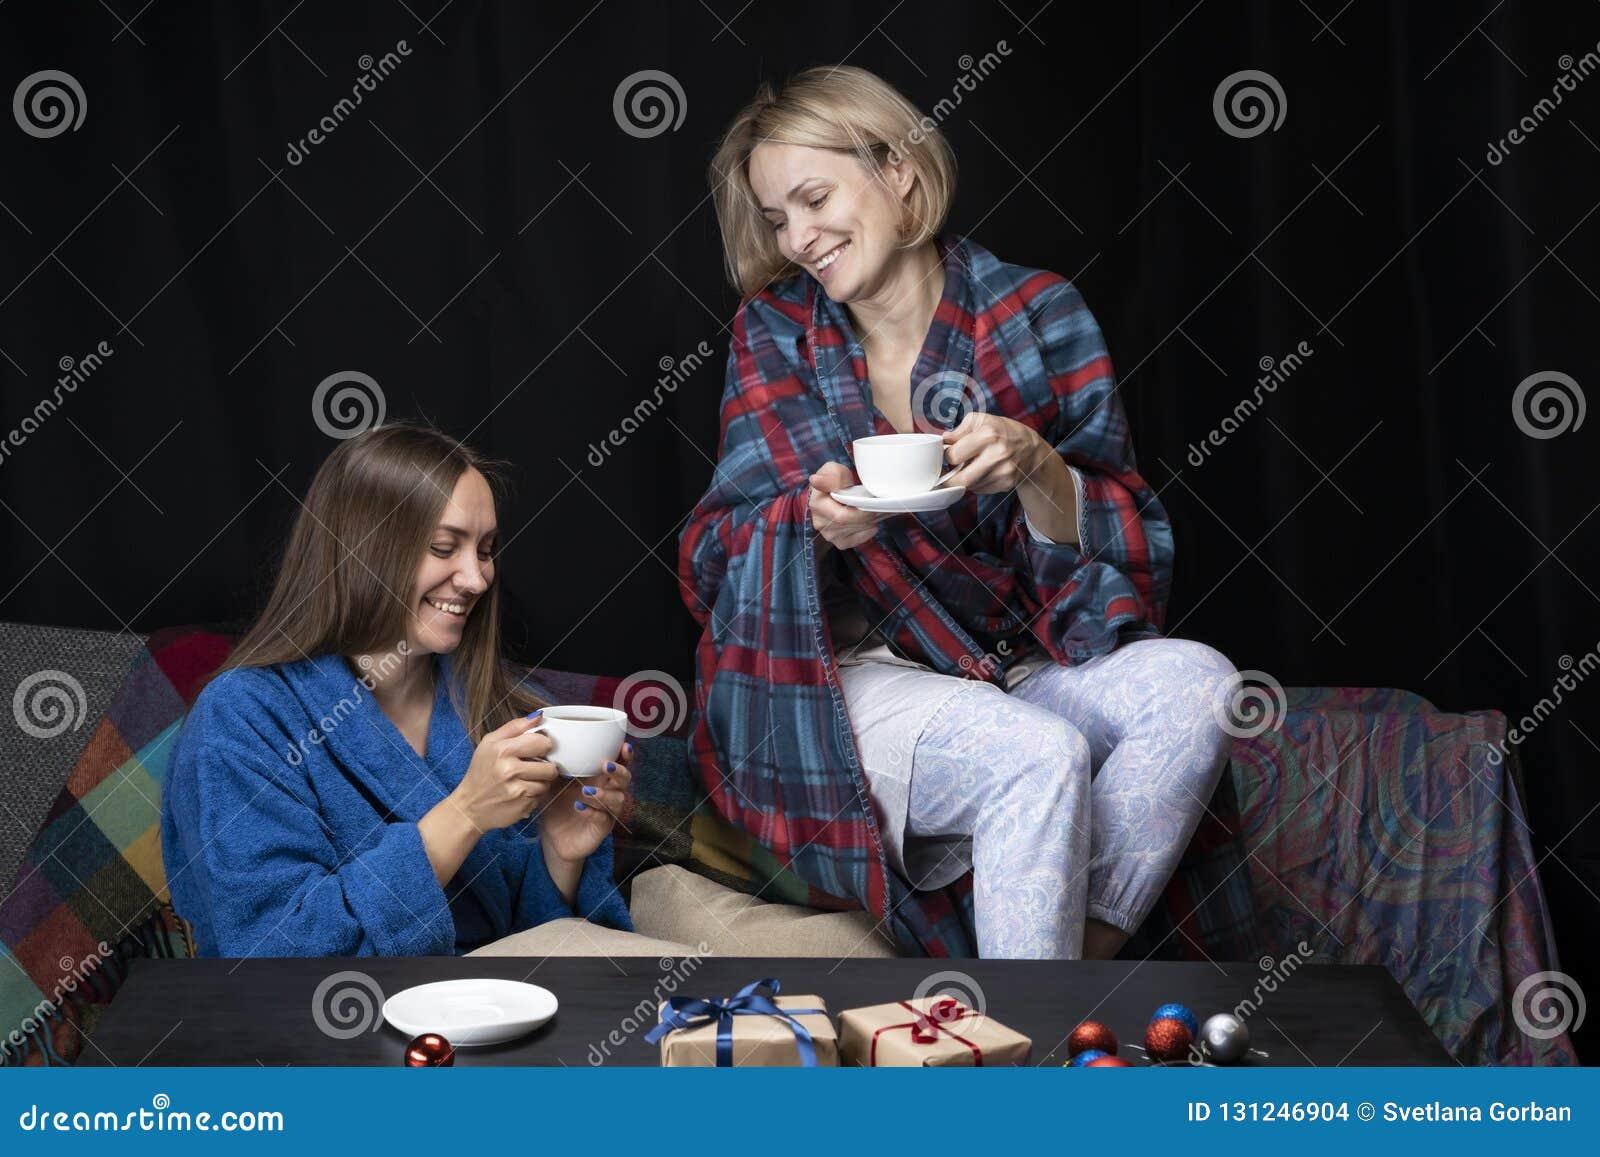 Женщины в домашних одеждах выпивают чай Черная предпосылка